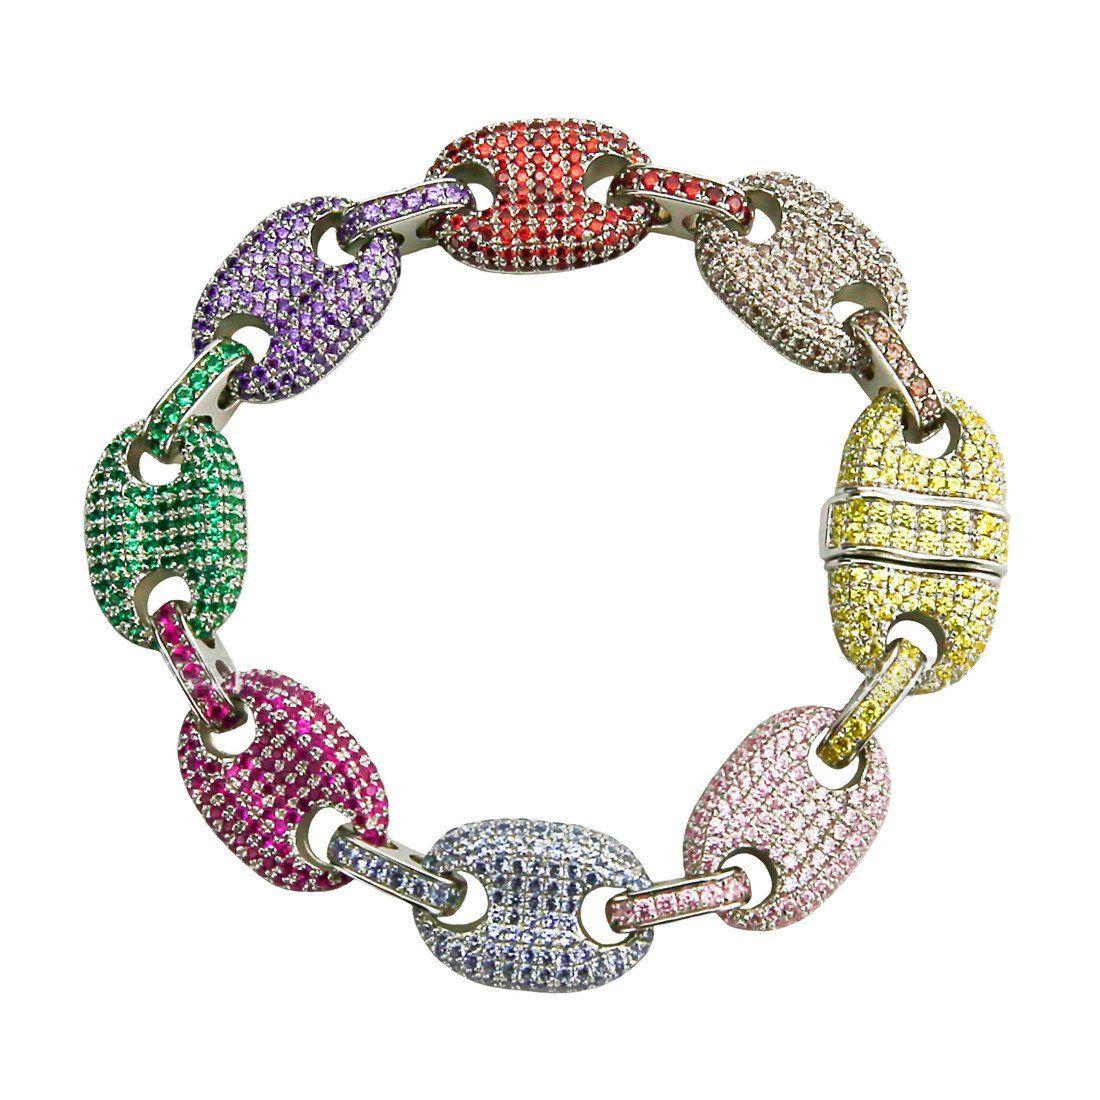 Iced Out Gucci Link Mariner Link Bracelet 13mm Multi